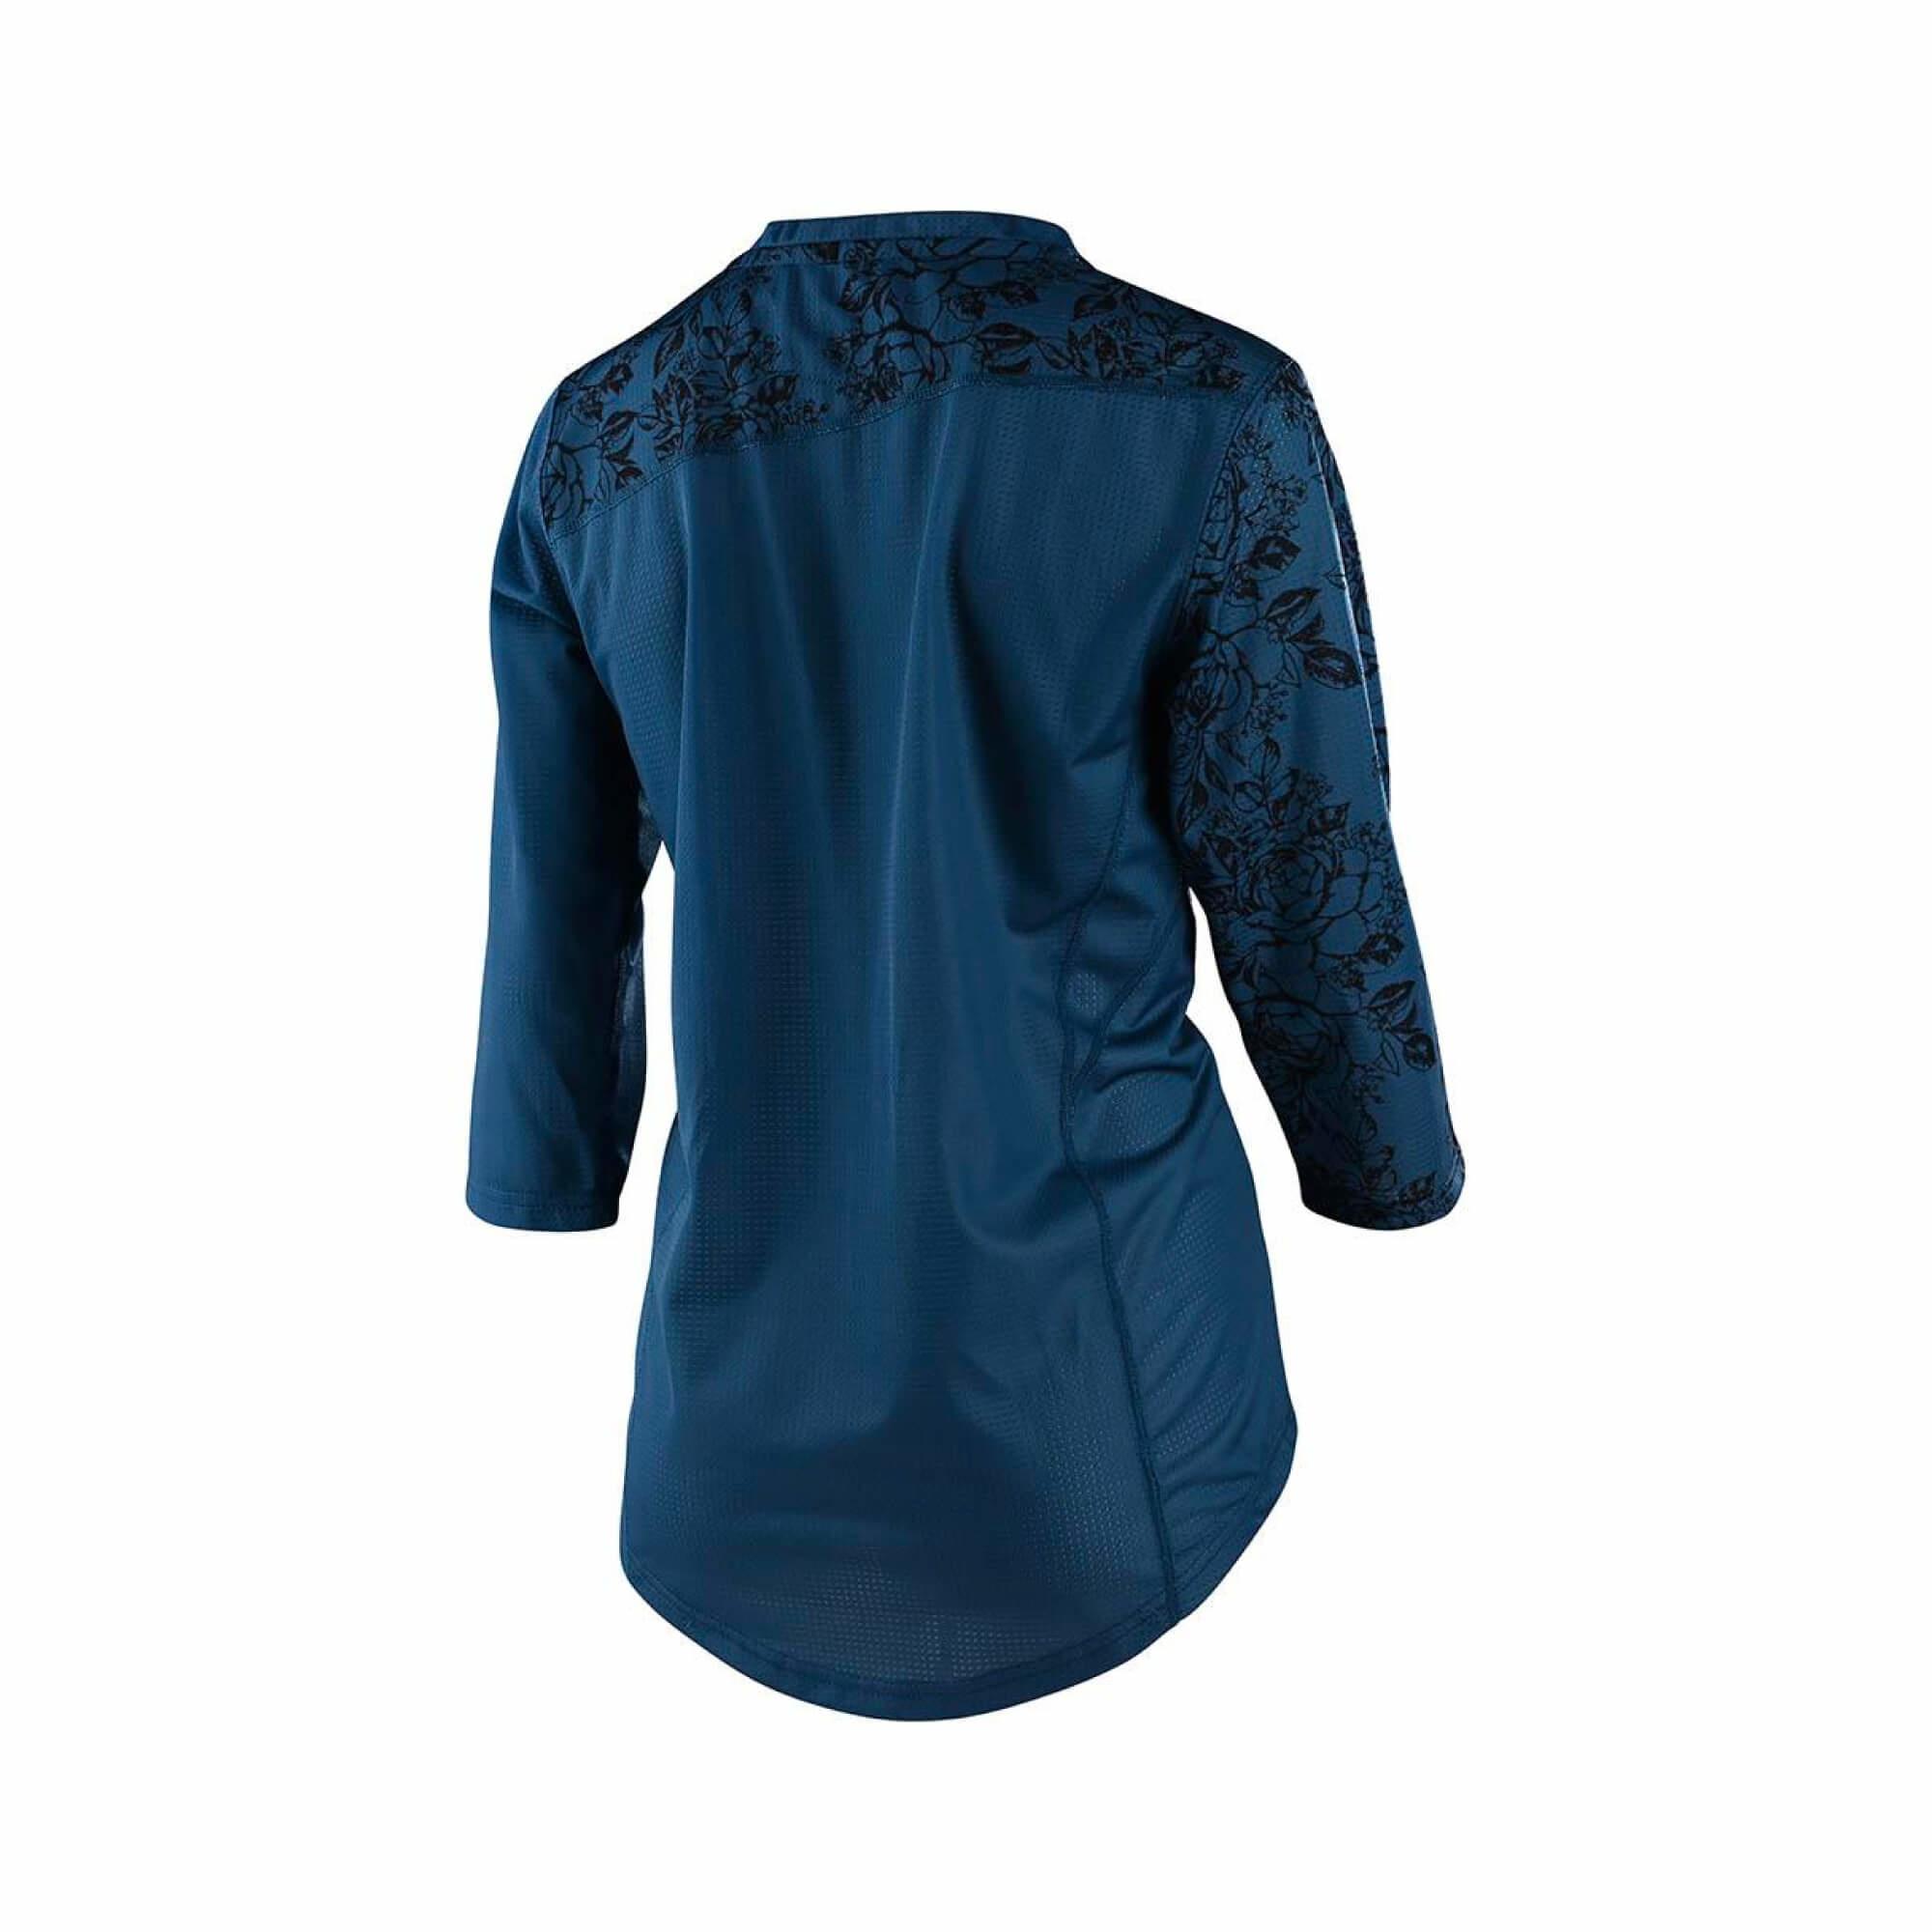 Women's Mischief Jersey 3/4 Sleeve 2022-4